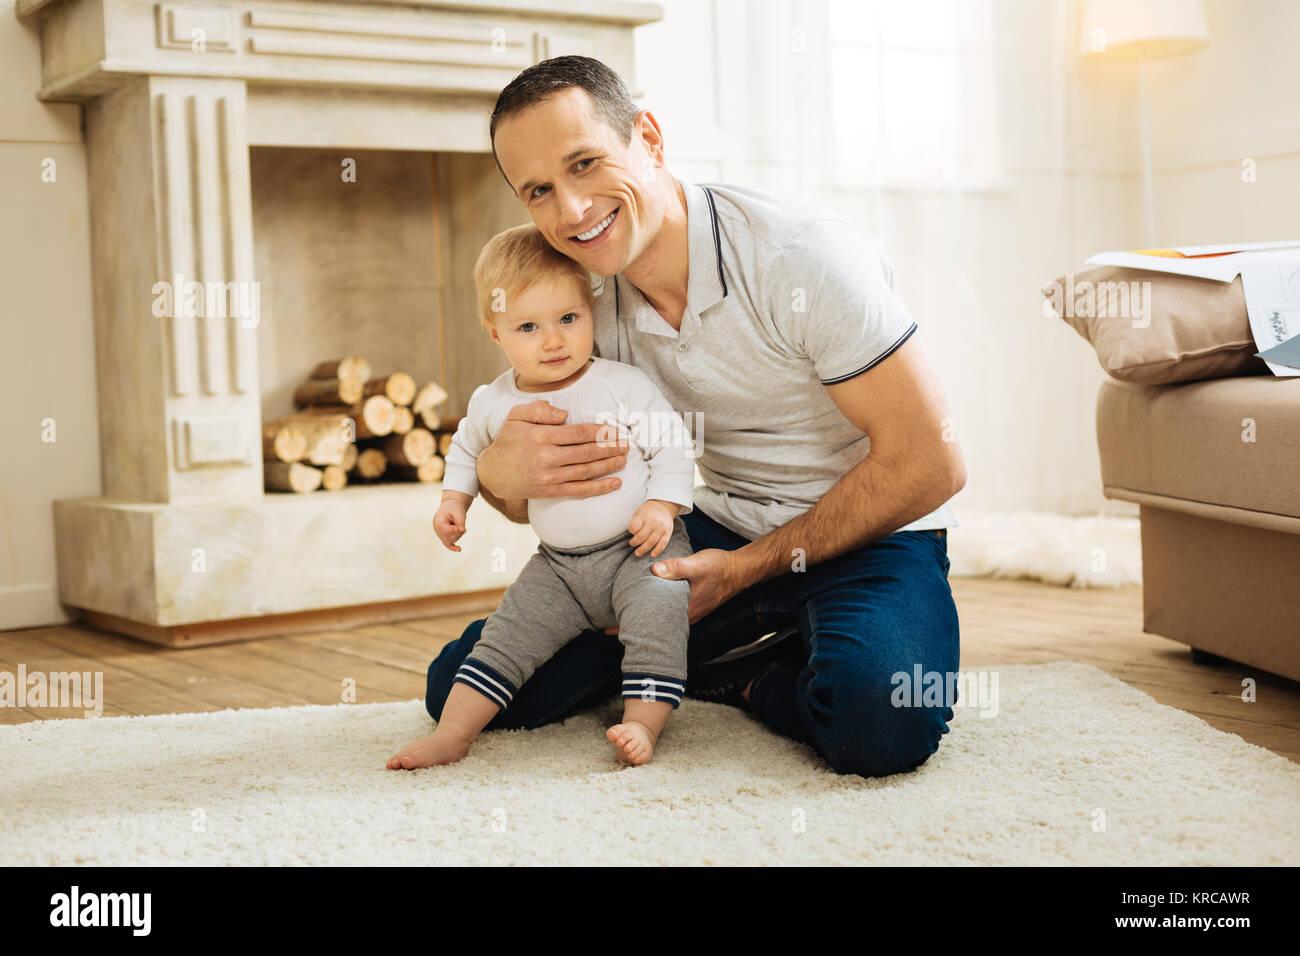 Heureux jeune père serrant son enfant tout en restant assis dans un salon Photo Stock